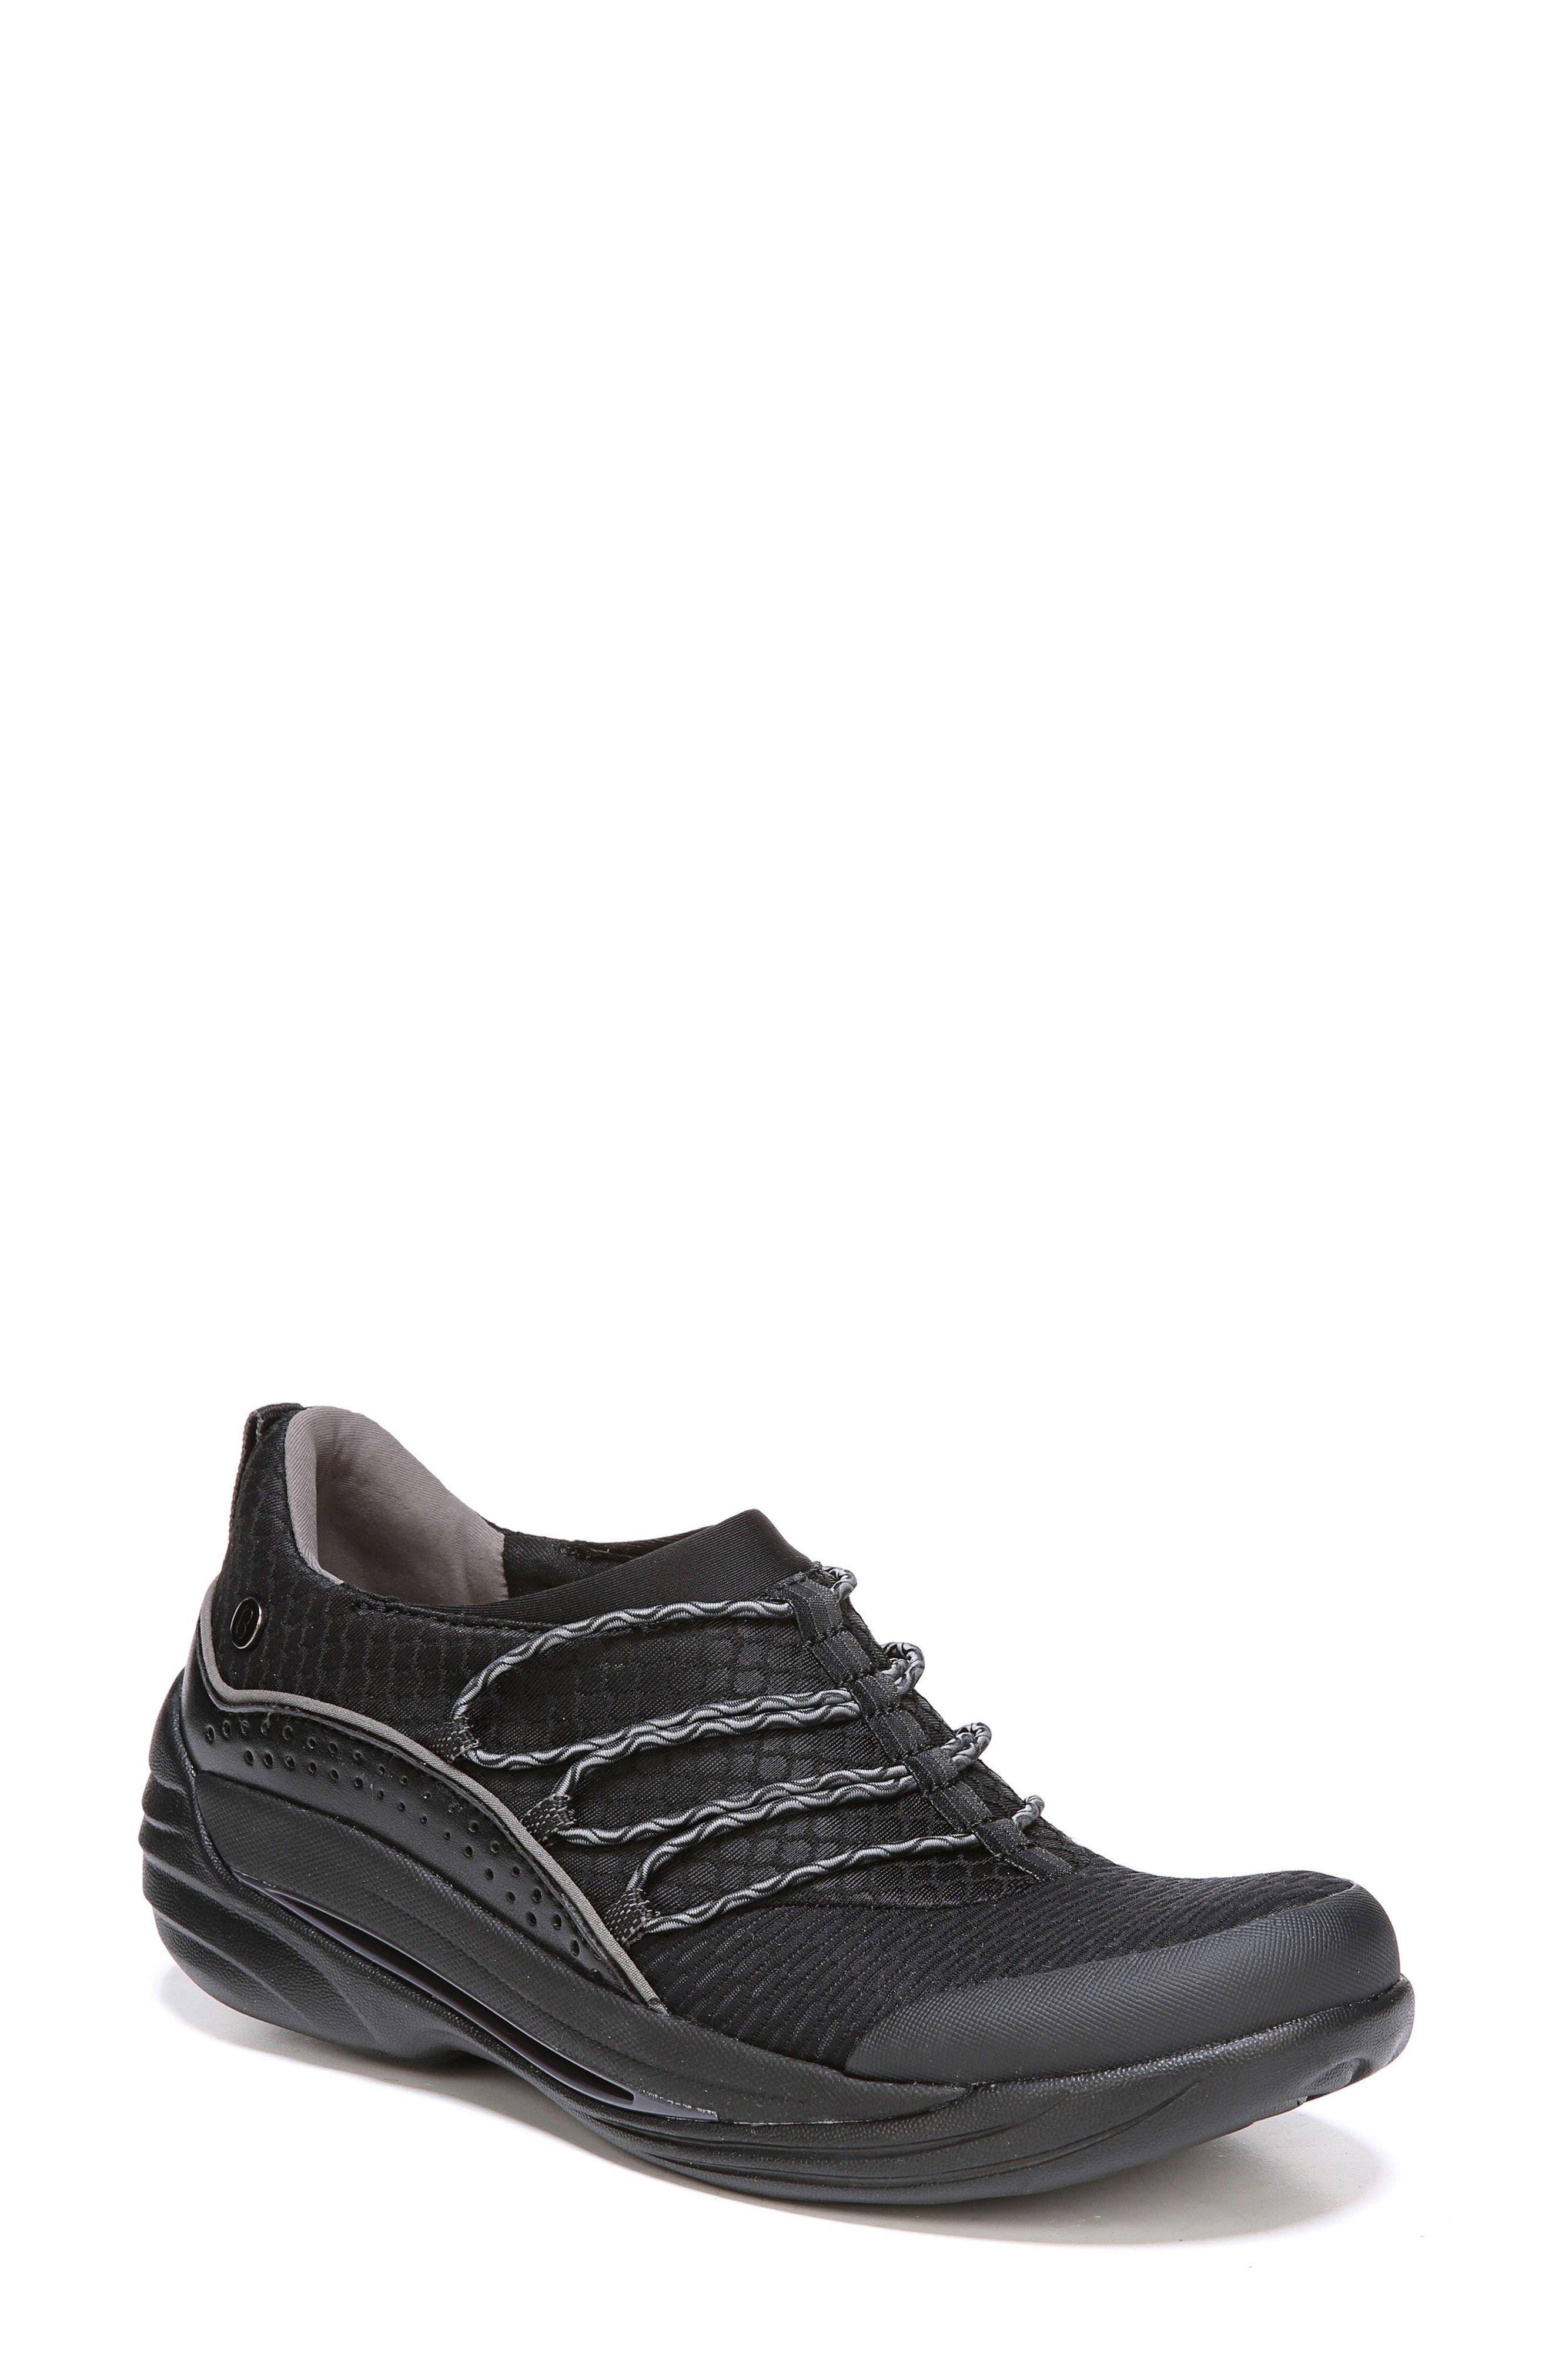 Pisces Slip-On Sneaker,                             Main thumbnail 1, color,                             Black